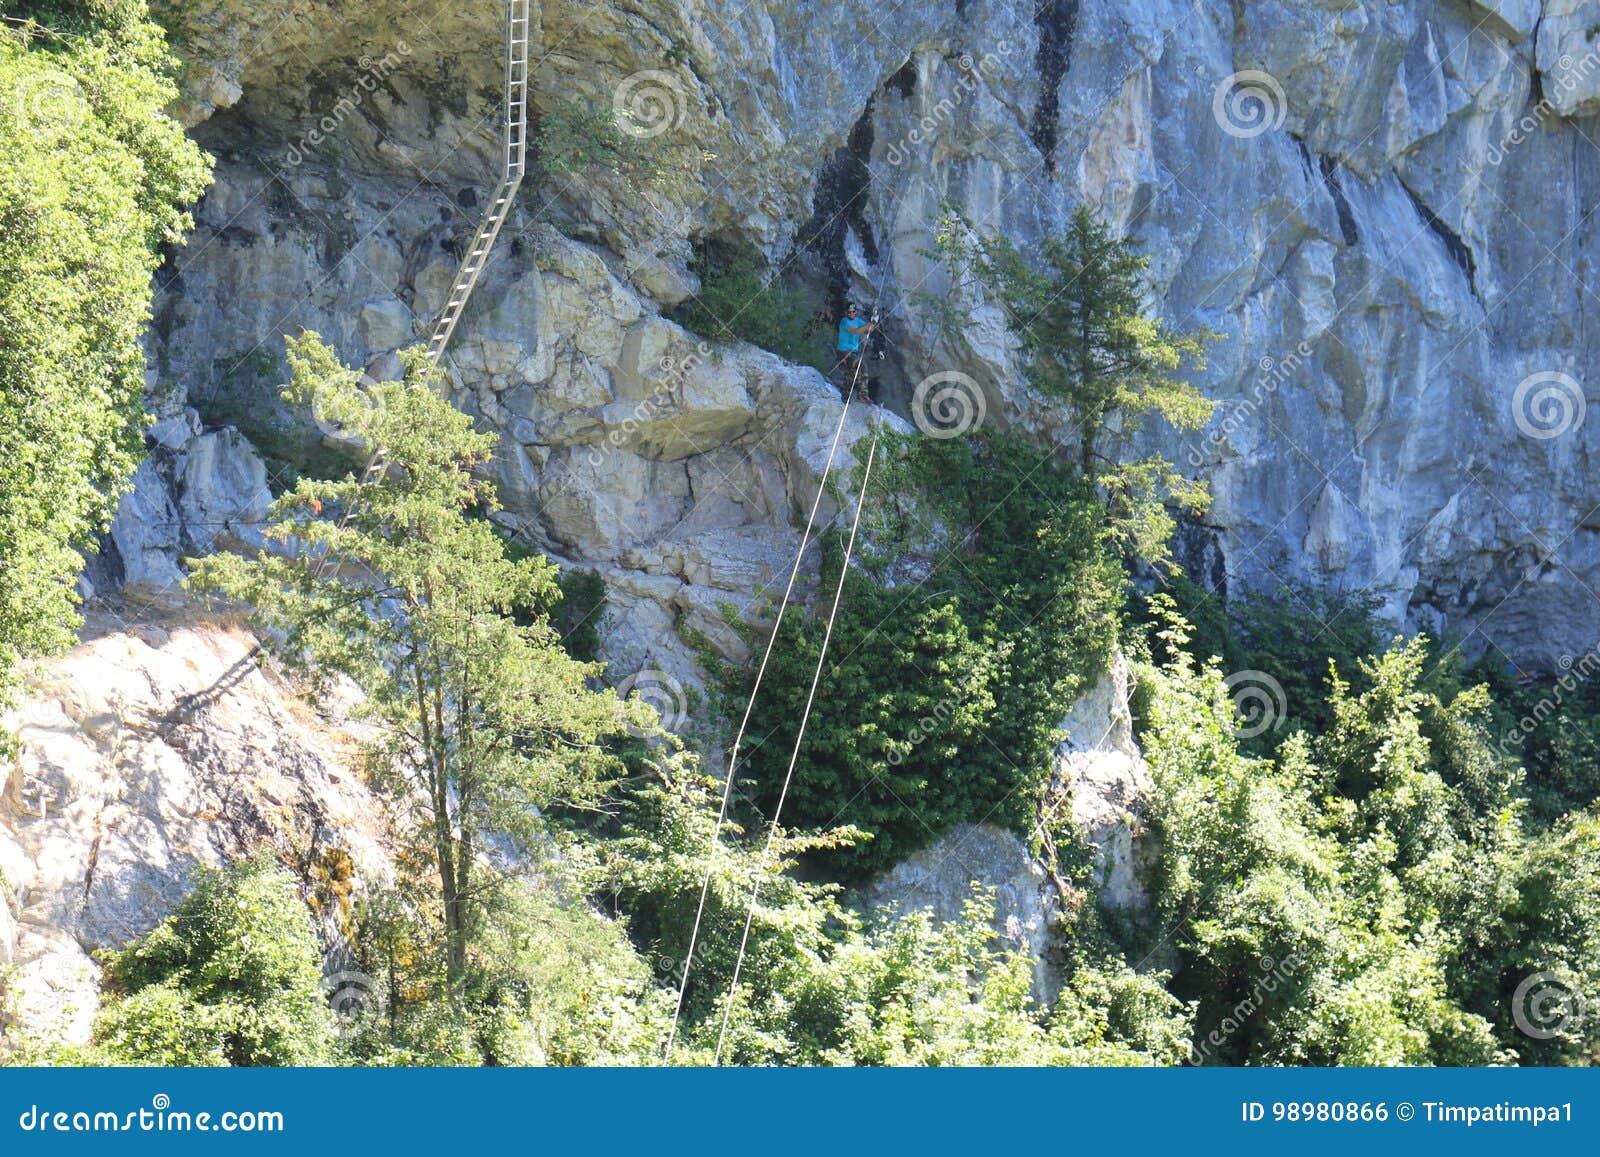 Klettersteig Leiter : Kabelbrücke und leiter in trattenbacher klettersteig